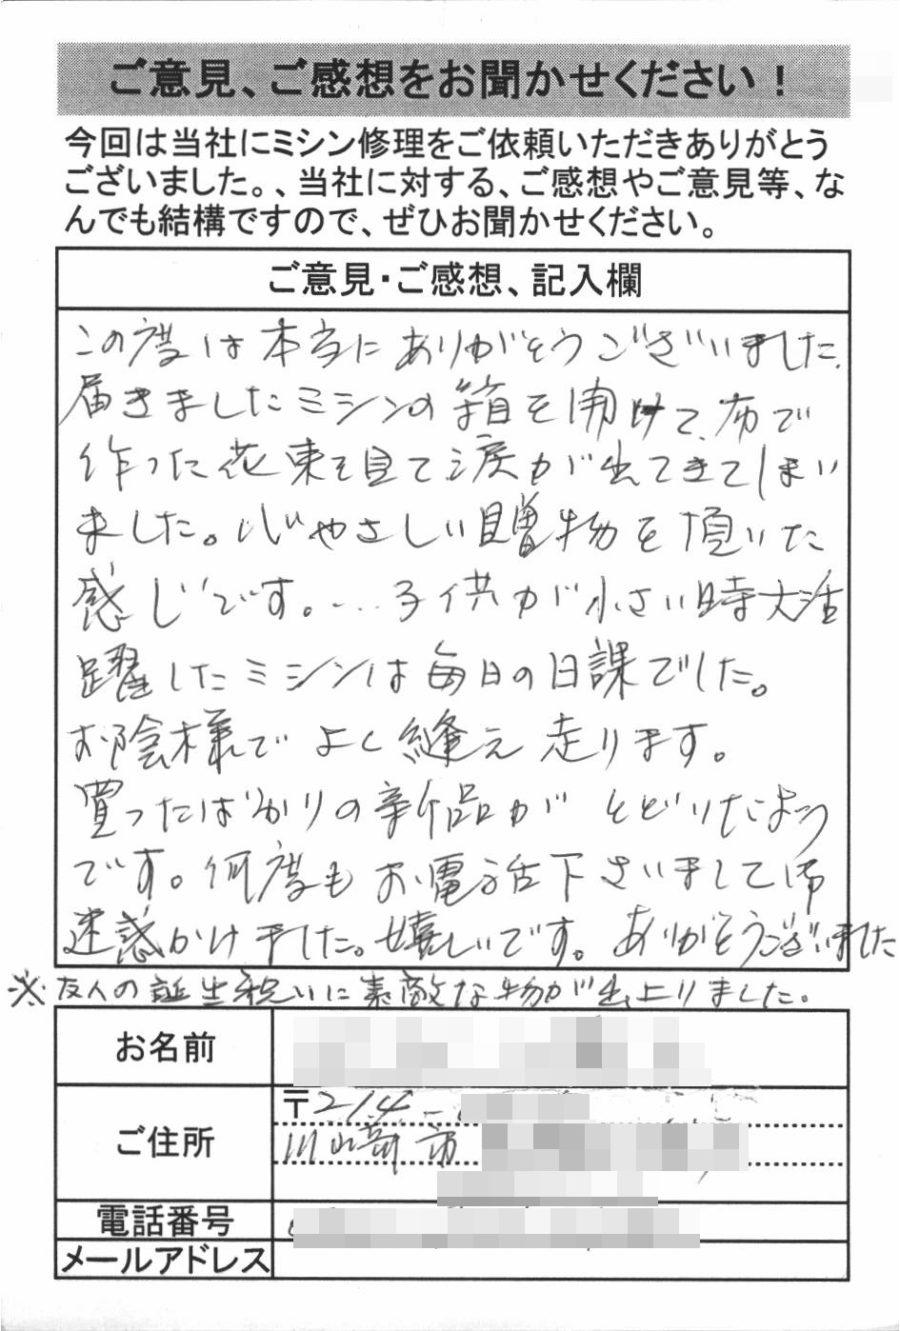 川崎市からミシン修理のお客様の声